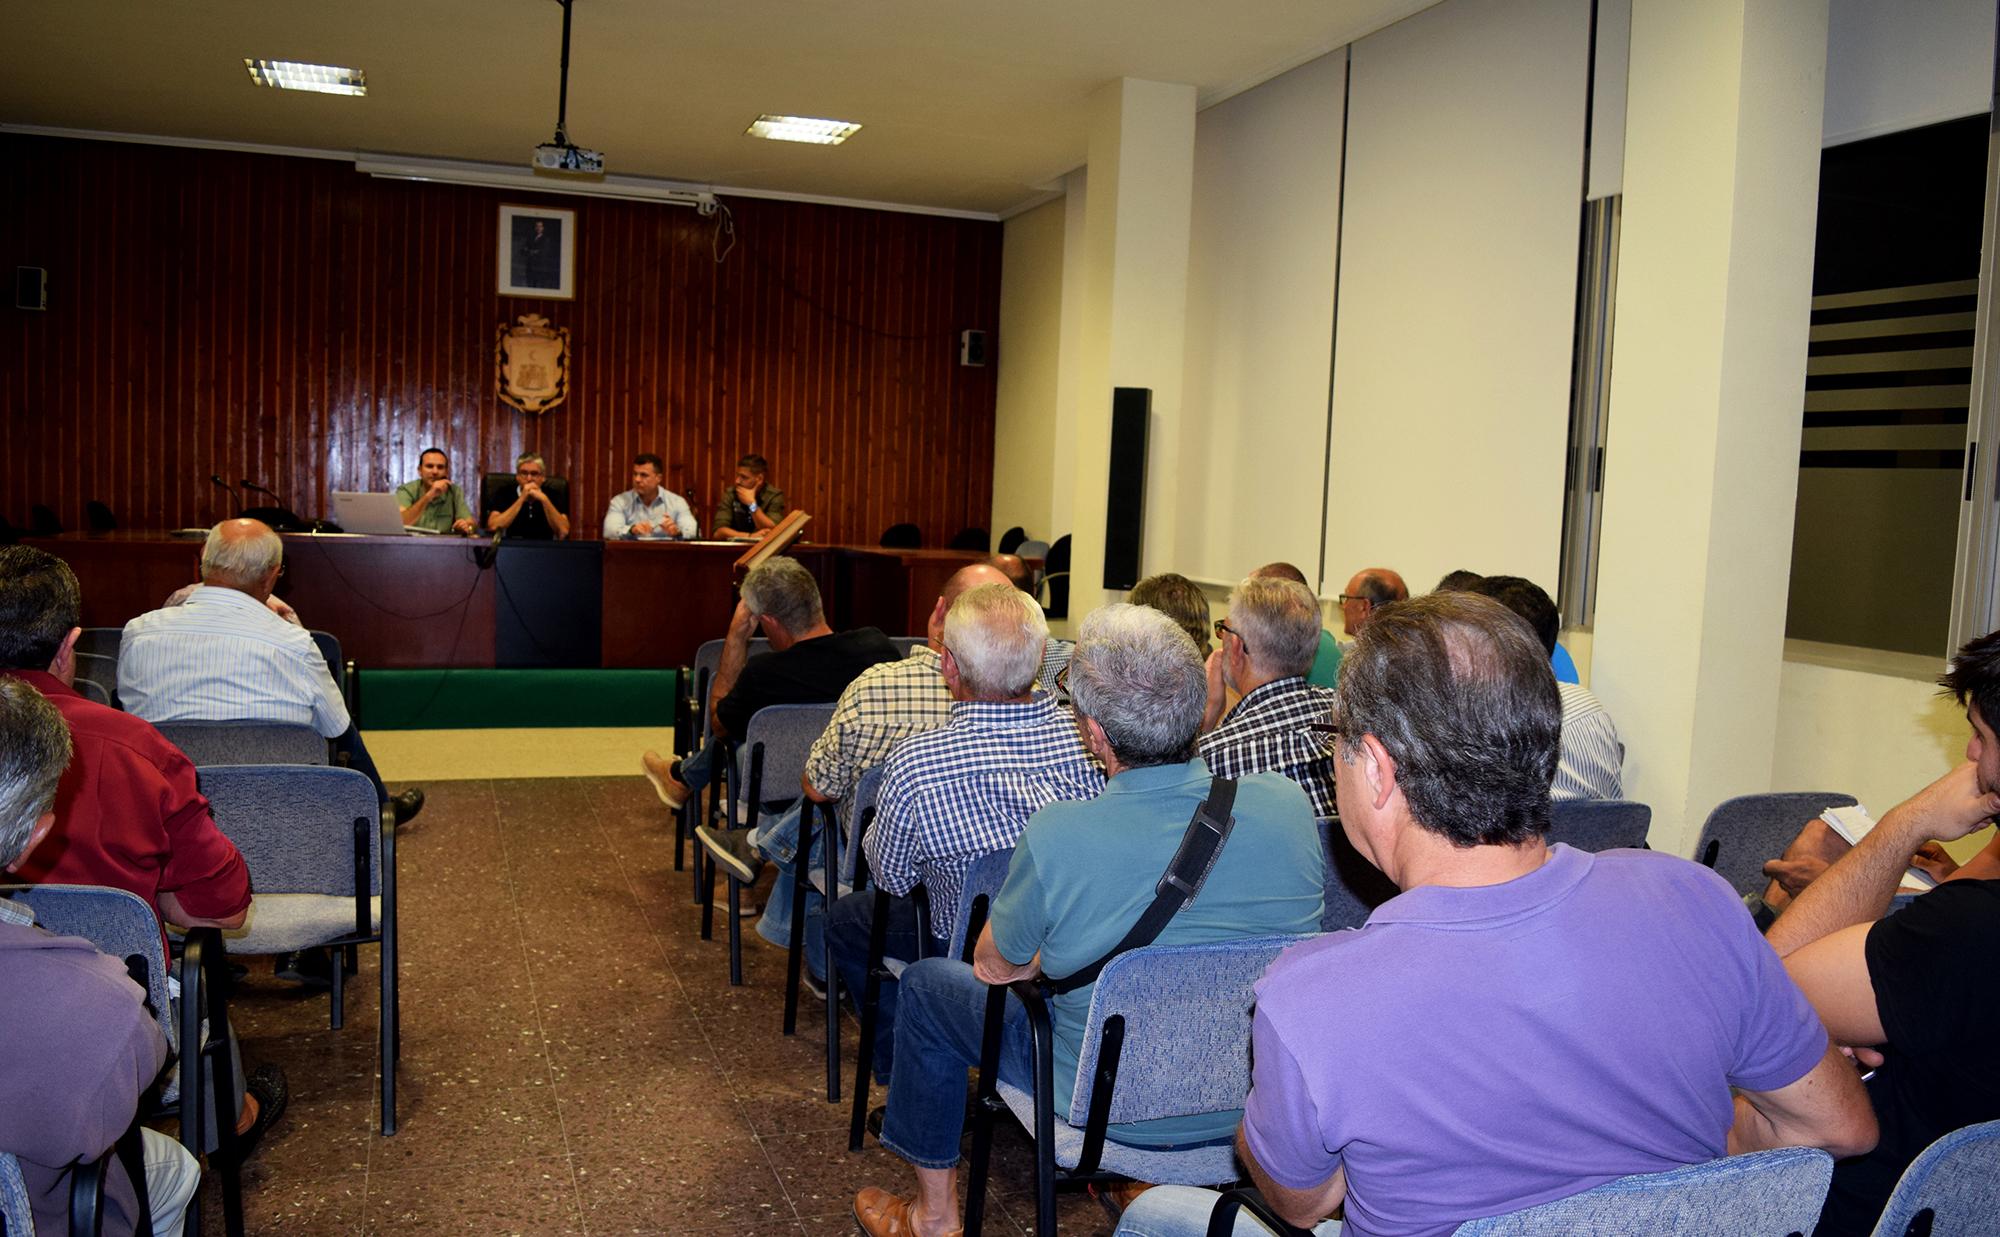 Segons les dades de la Policia Local, en la passada campanya els robatoris als camps de Vilamarxant van disminuir un 44,8%.